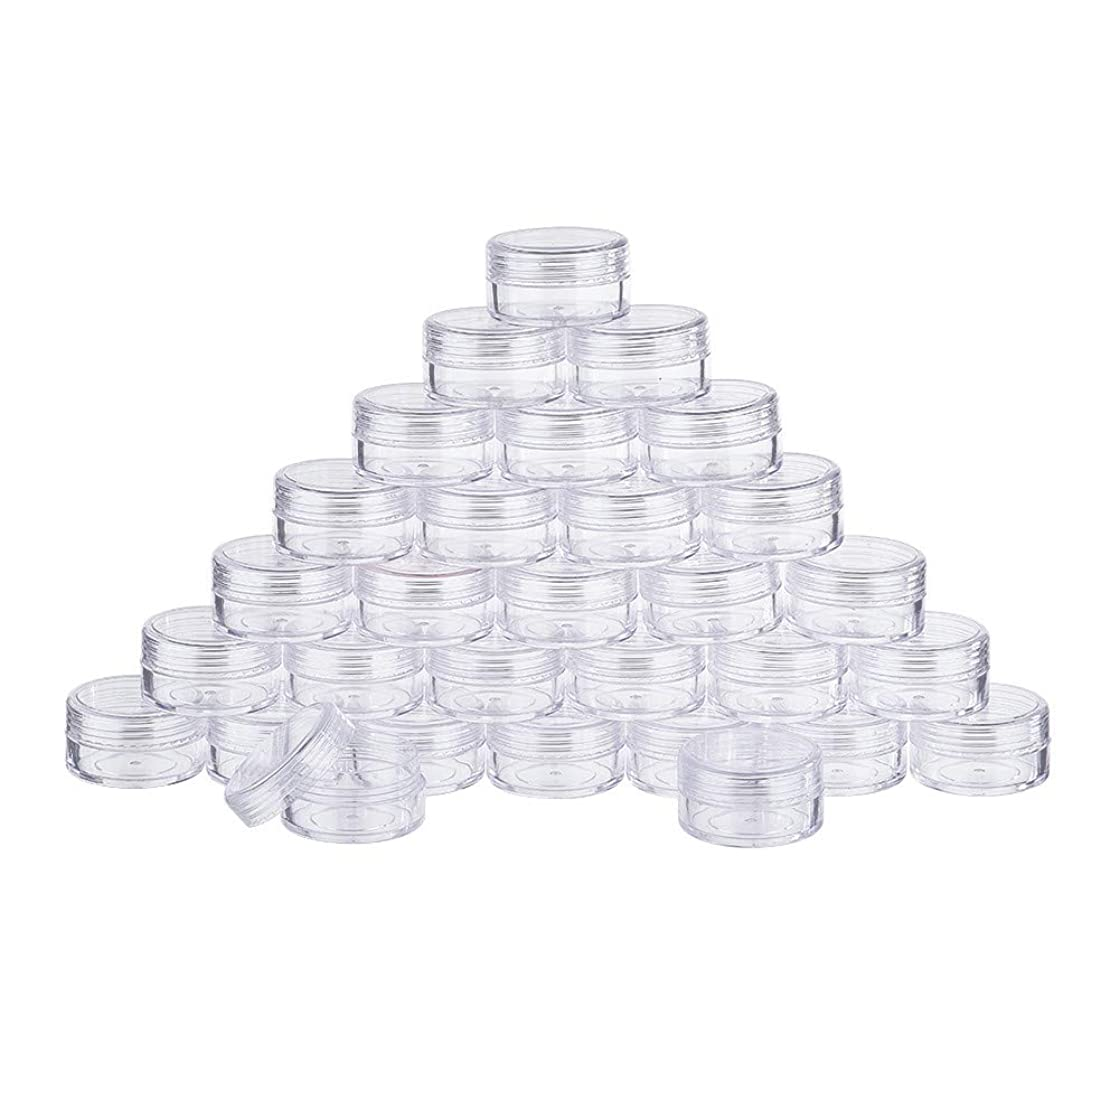 落ち込んでいる比類なき滝BENECREAT 30個セット15ml透明収納ボックス 化粧品用小分け容器 アクセサリー収納ボックス 蓋つき 丸型 ビーズ?小物 DIY工芸品